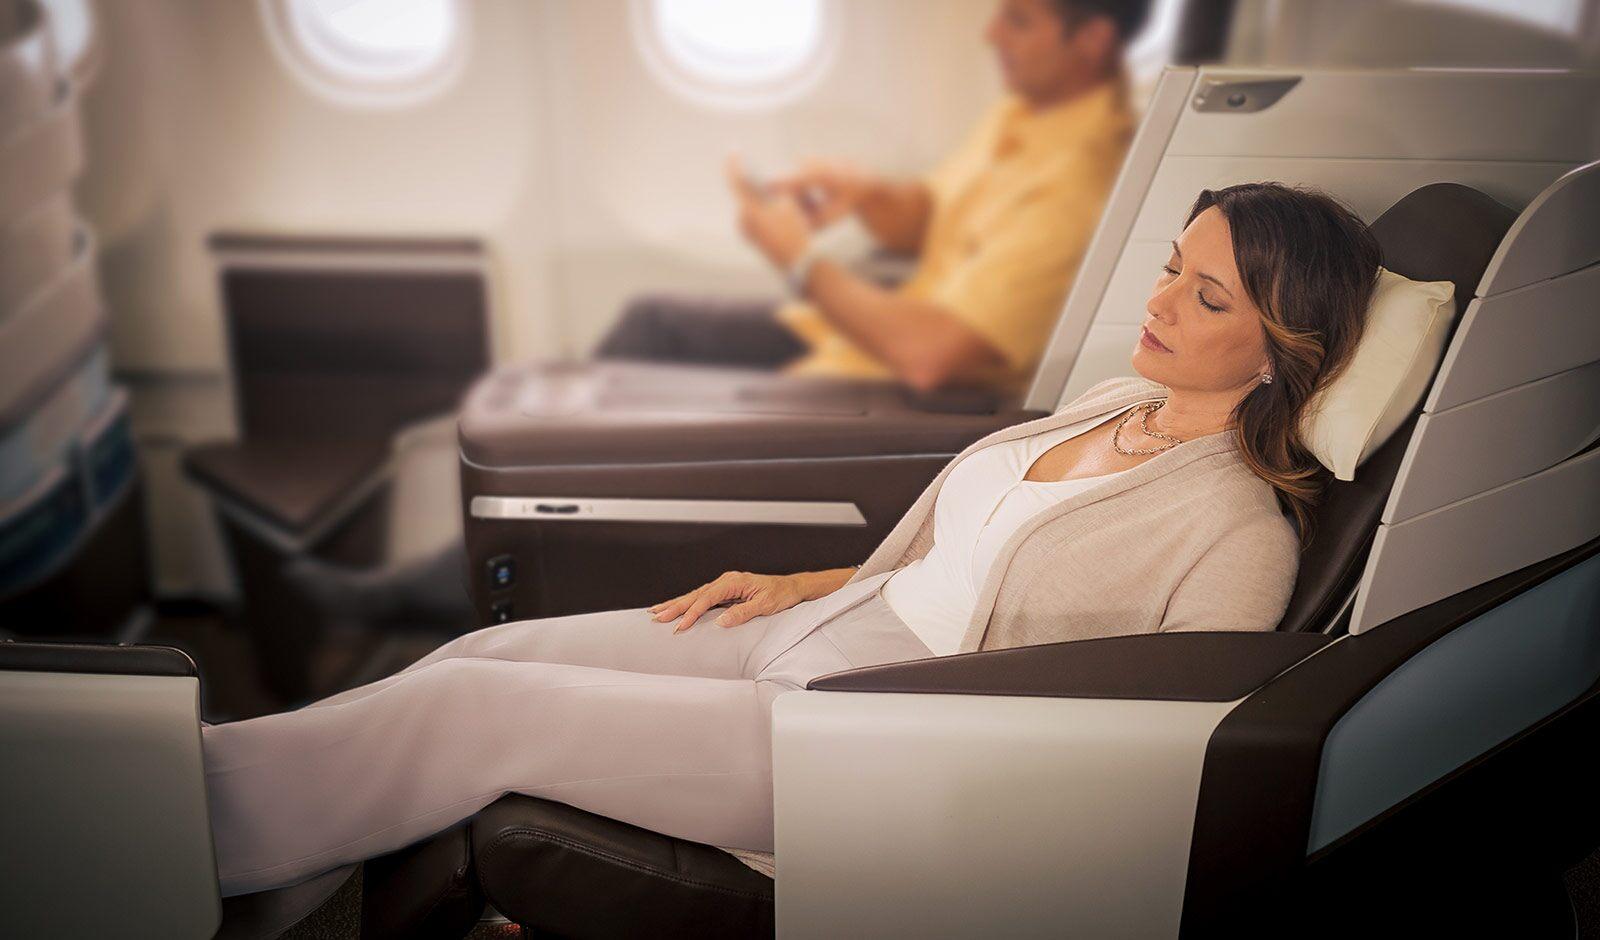 ハワイアン航空のビジネスクラスってどんな感じ?シート・サービスを解説!